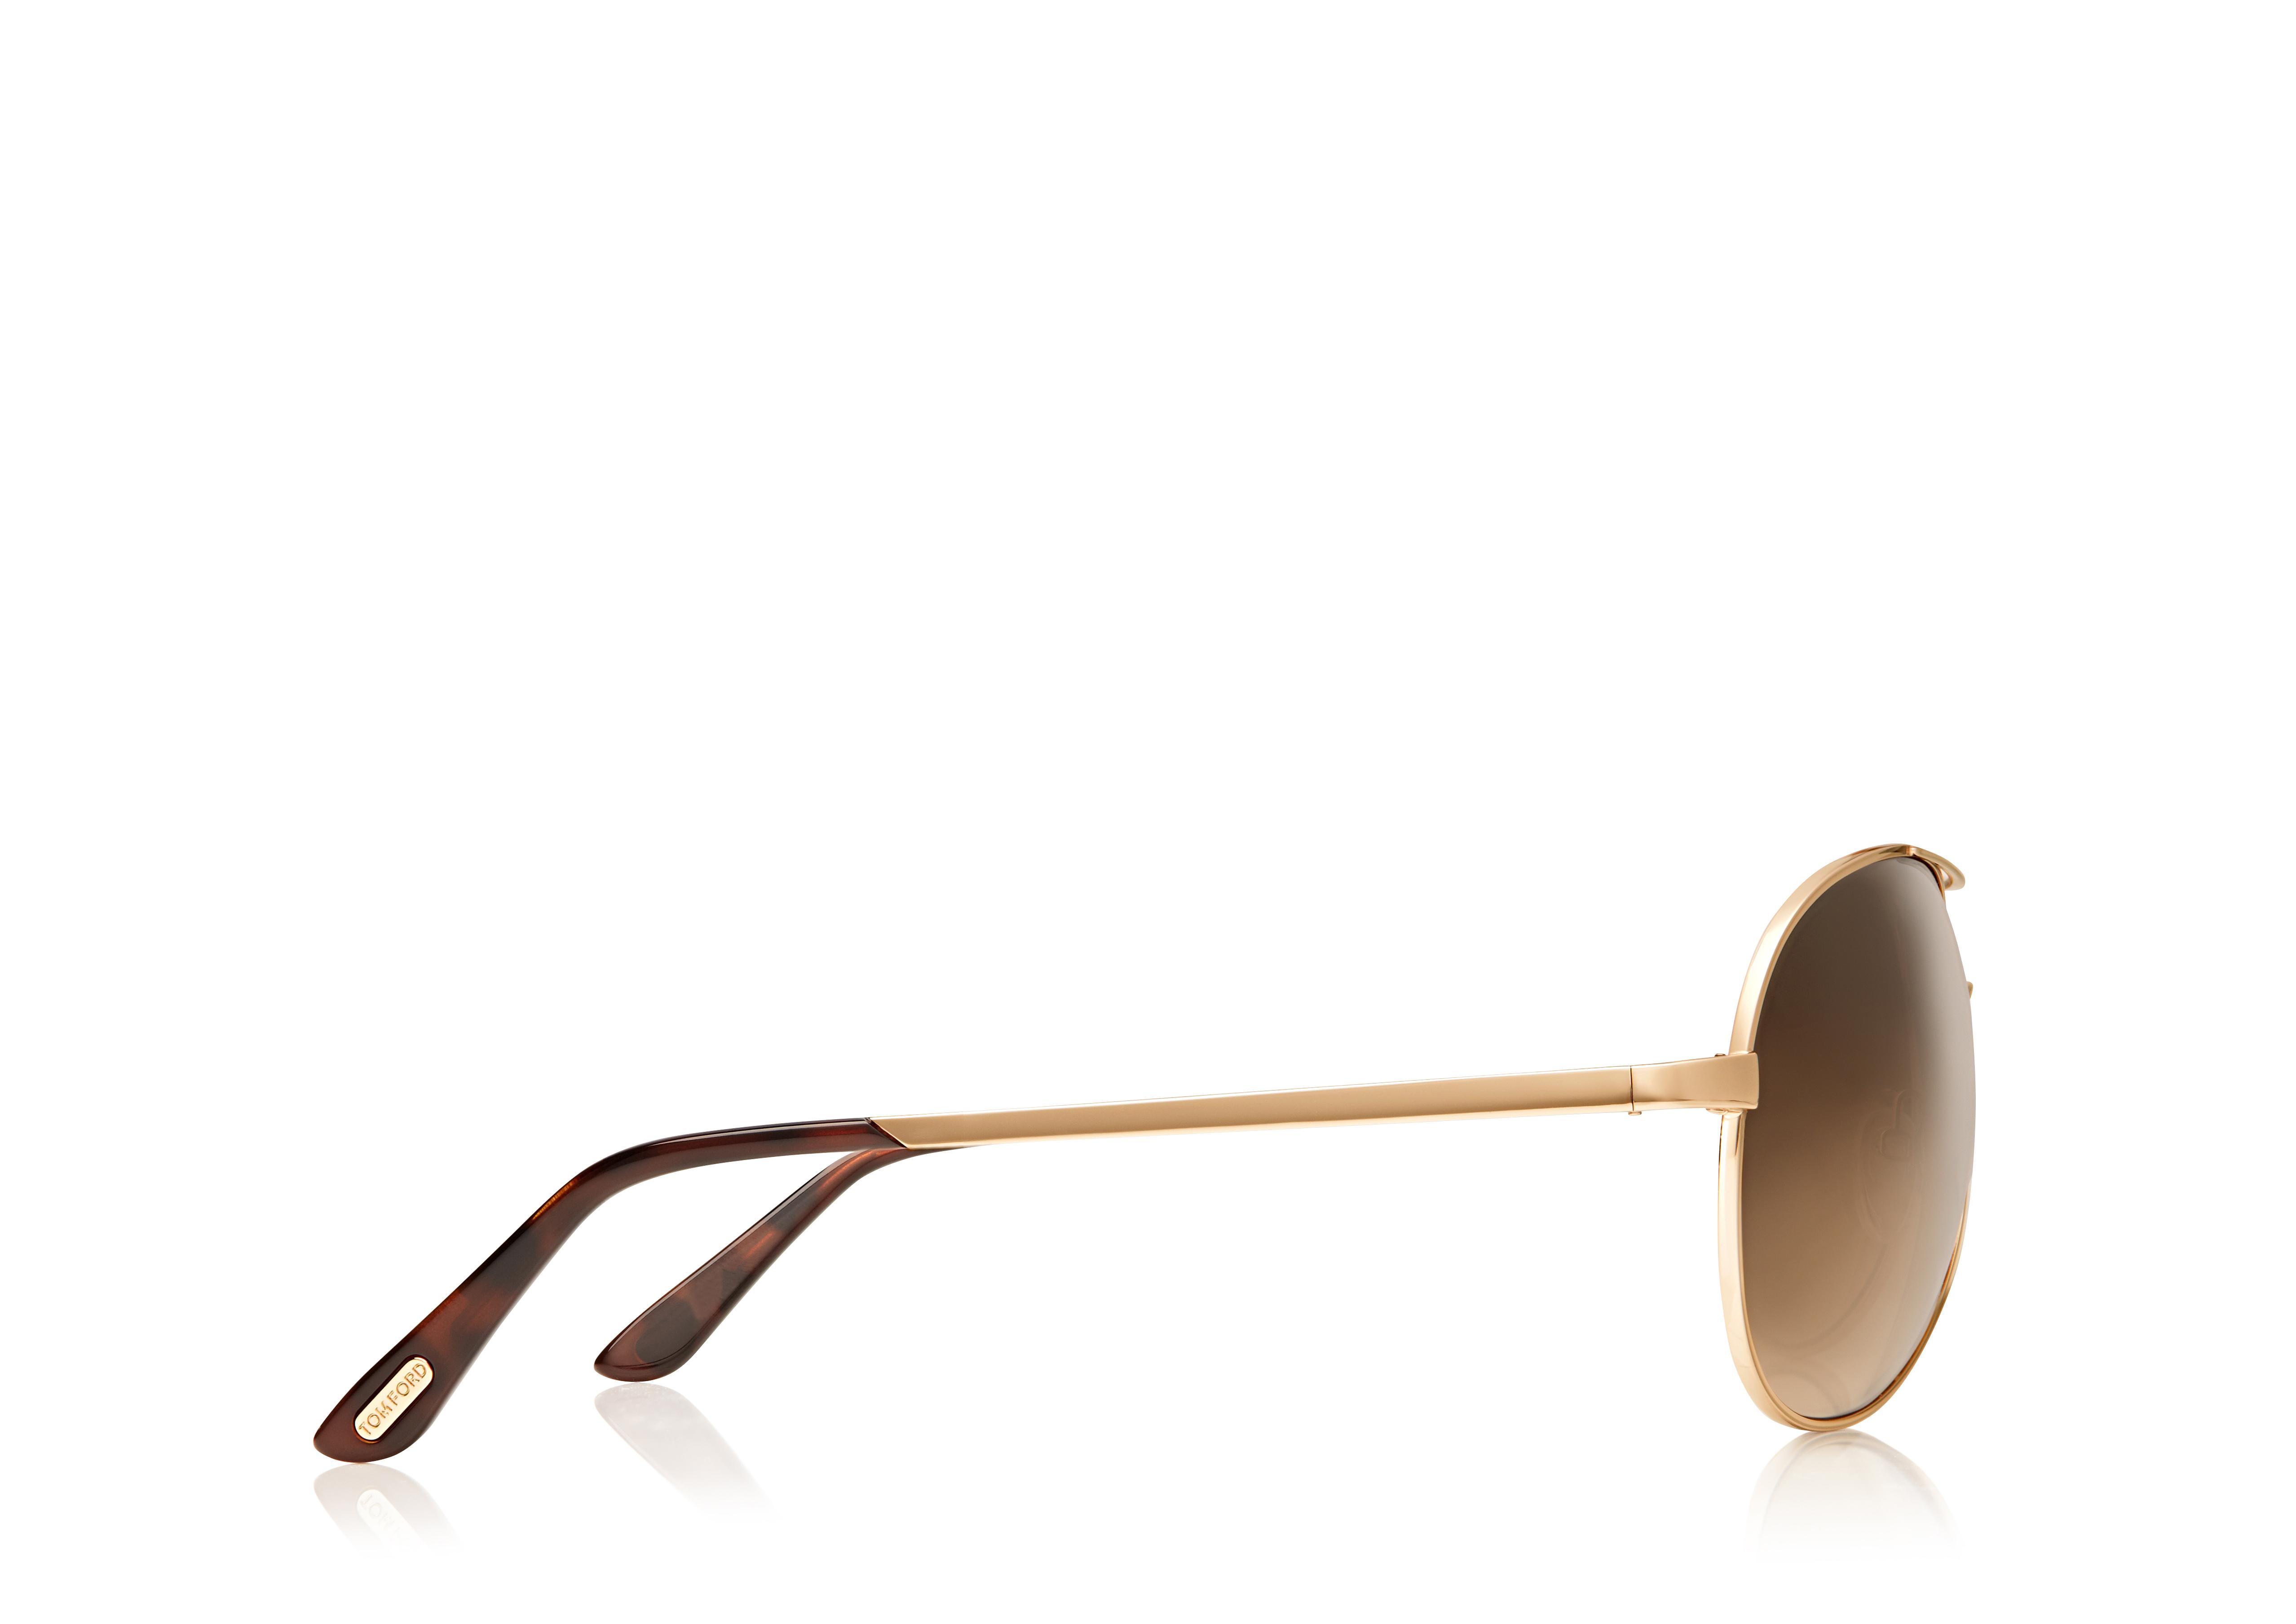 Charles Round Aviator Sunglasses B thumbnail